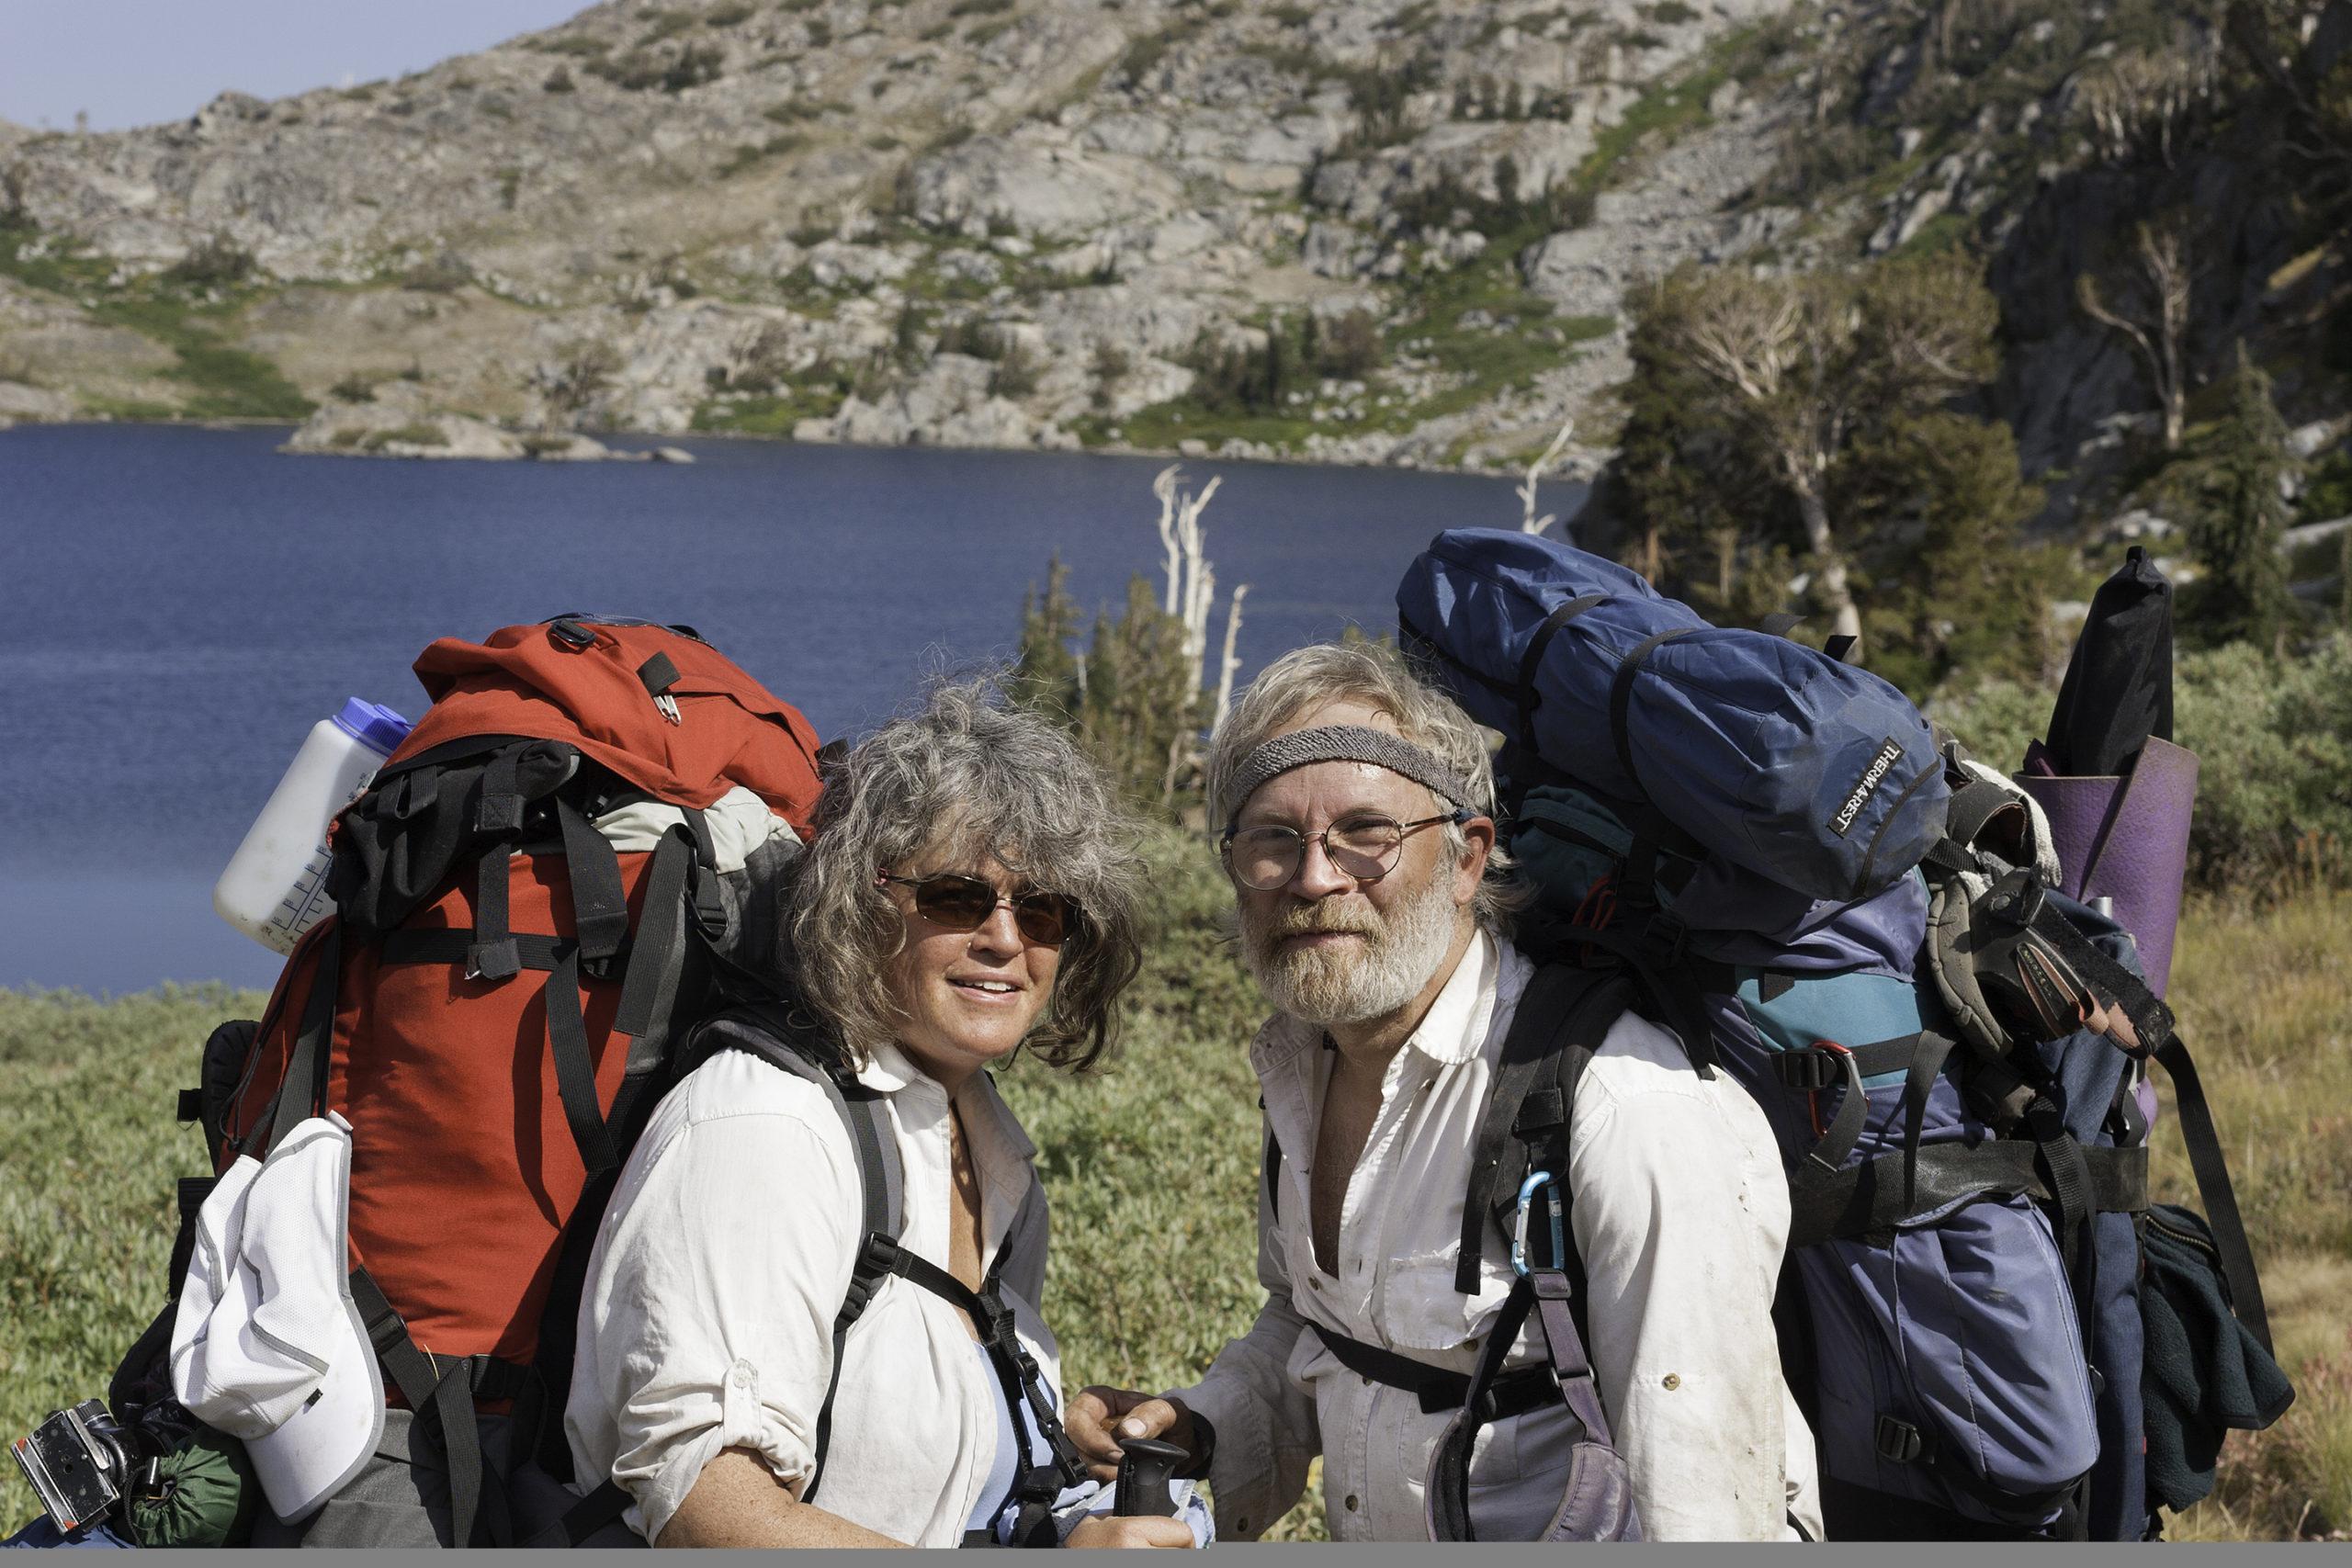 Nita Rob at Carson Pass_MG_4958_04-25-17_8x12